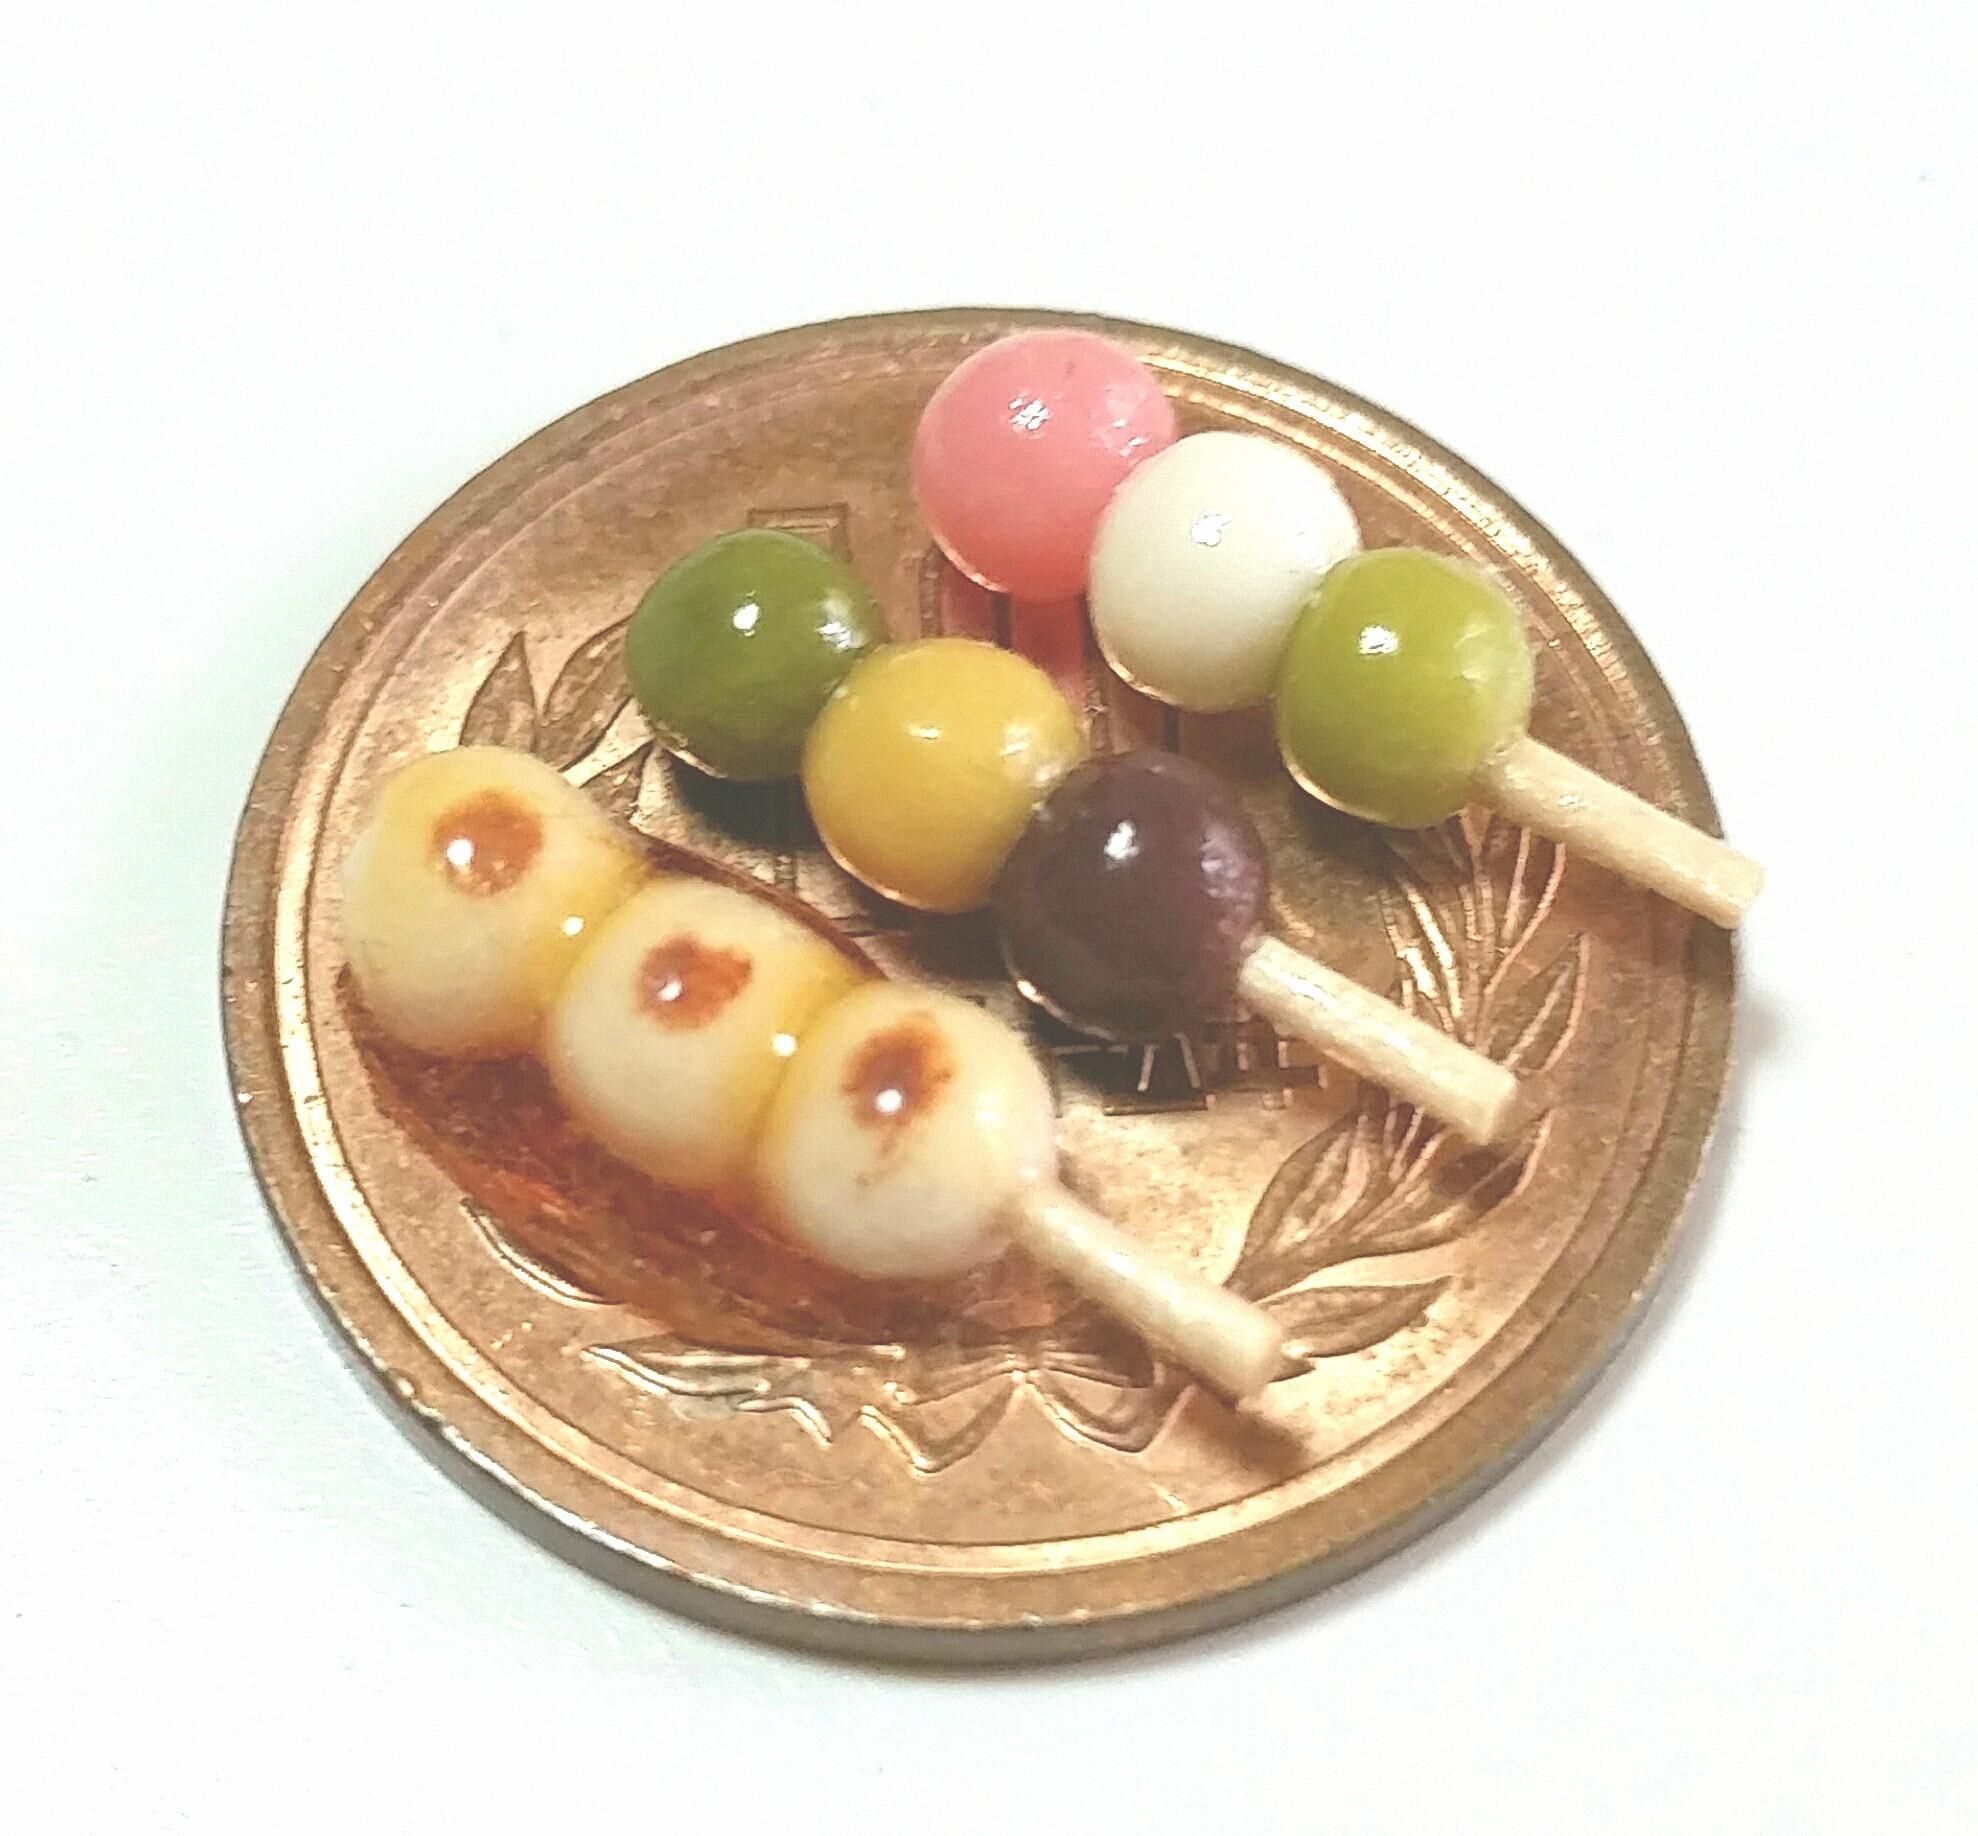 可愛いお団子,ミニチュアフード,みたらし,三色,坊っちゃん,和菓子